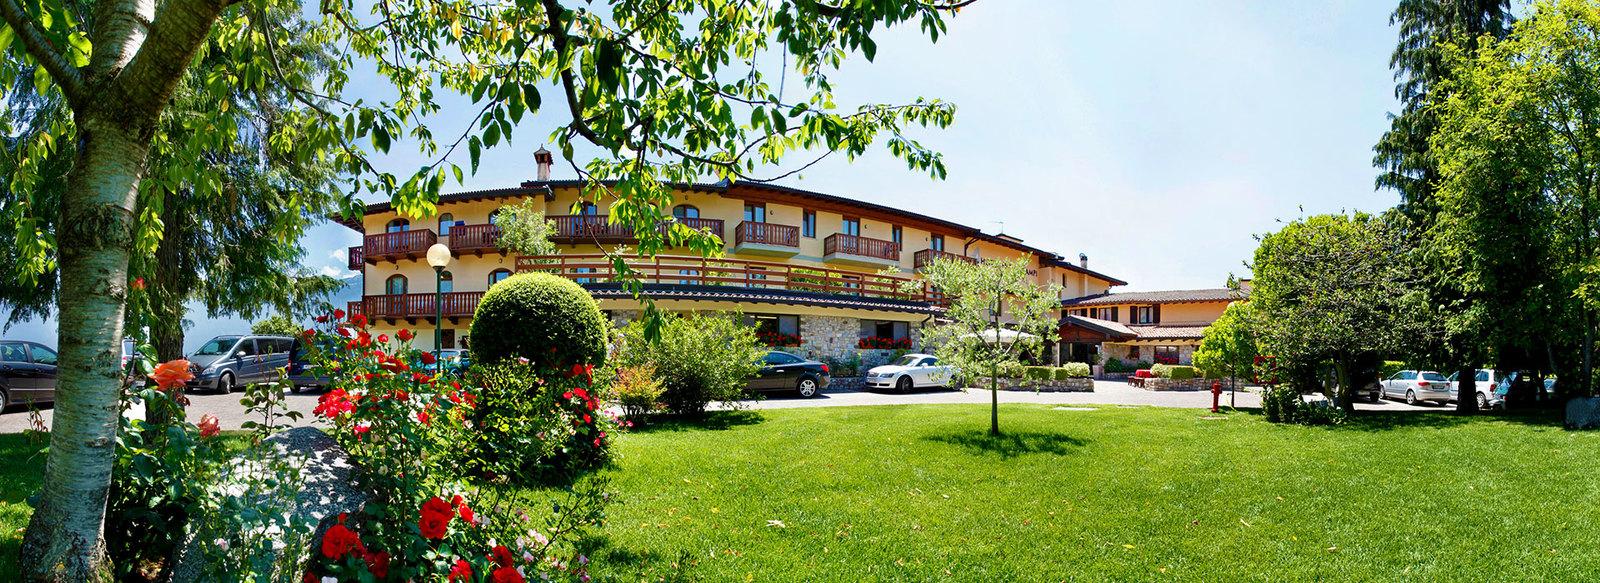 Hotel 4* nell'affascinante entroterra del Lago di Garda